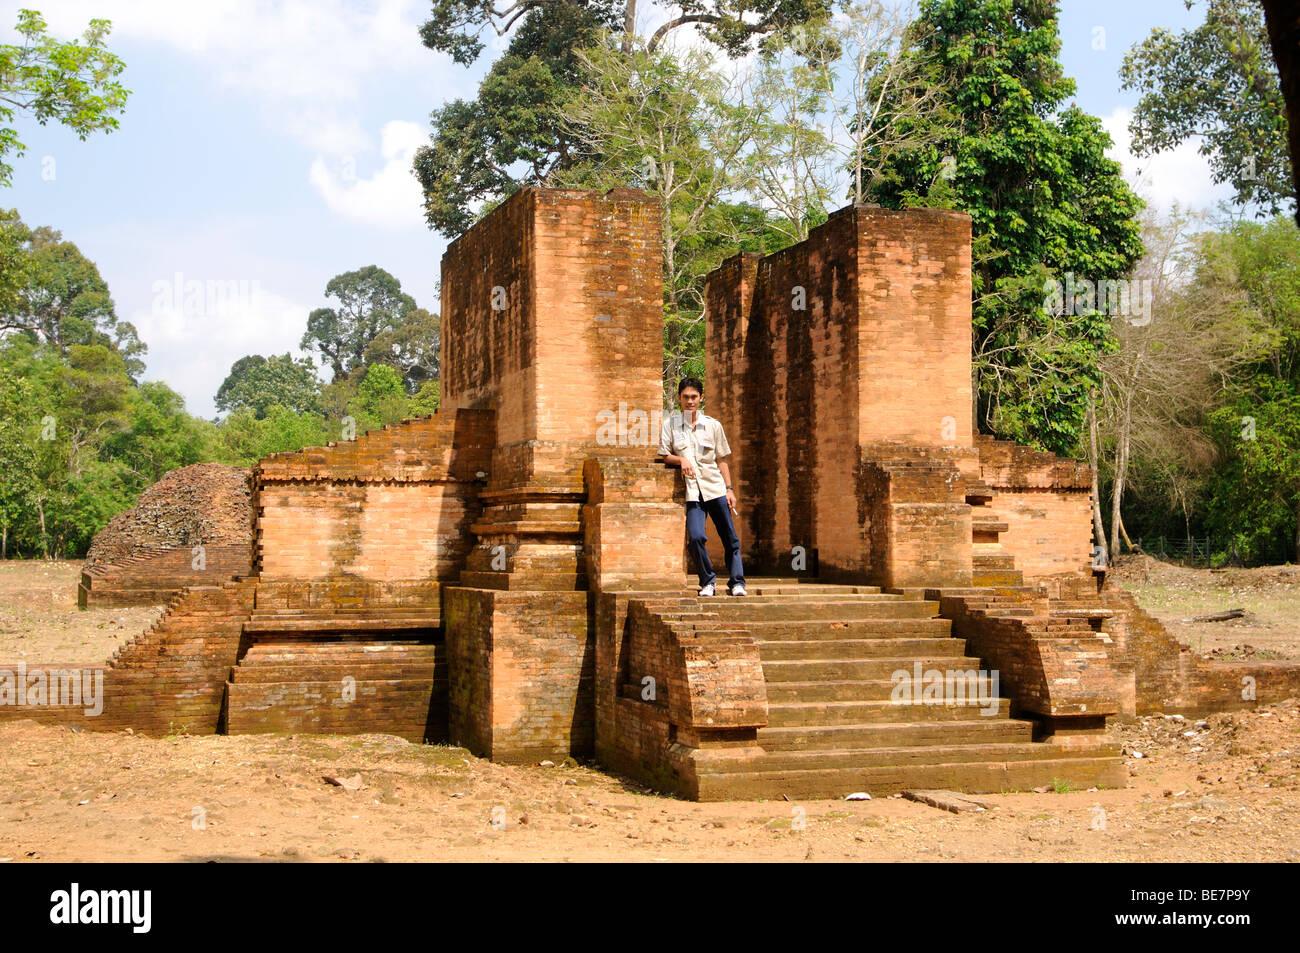 candi gedung, muara jambi, jambi sumatra indonesia Stock Photo